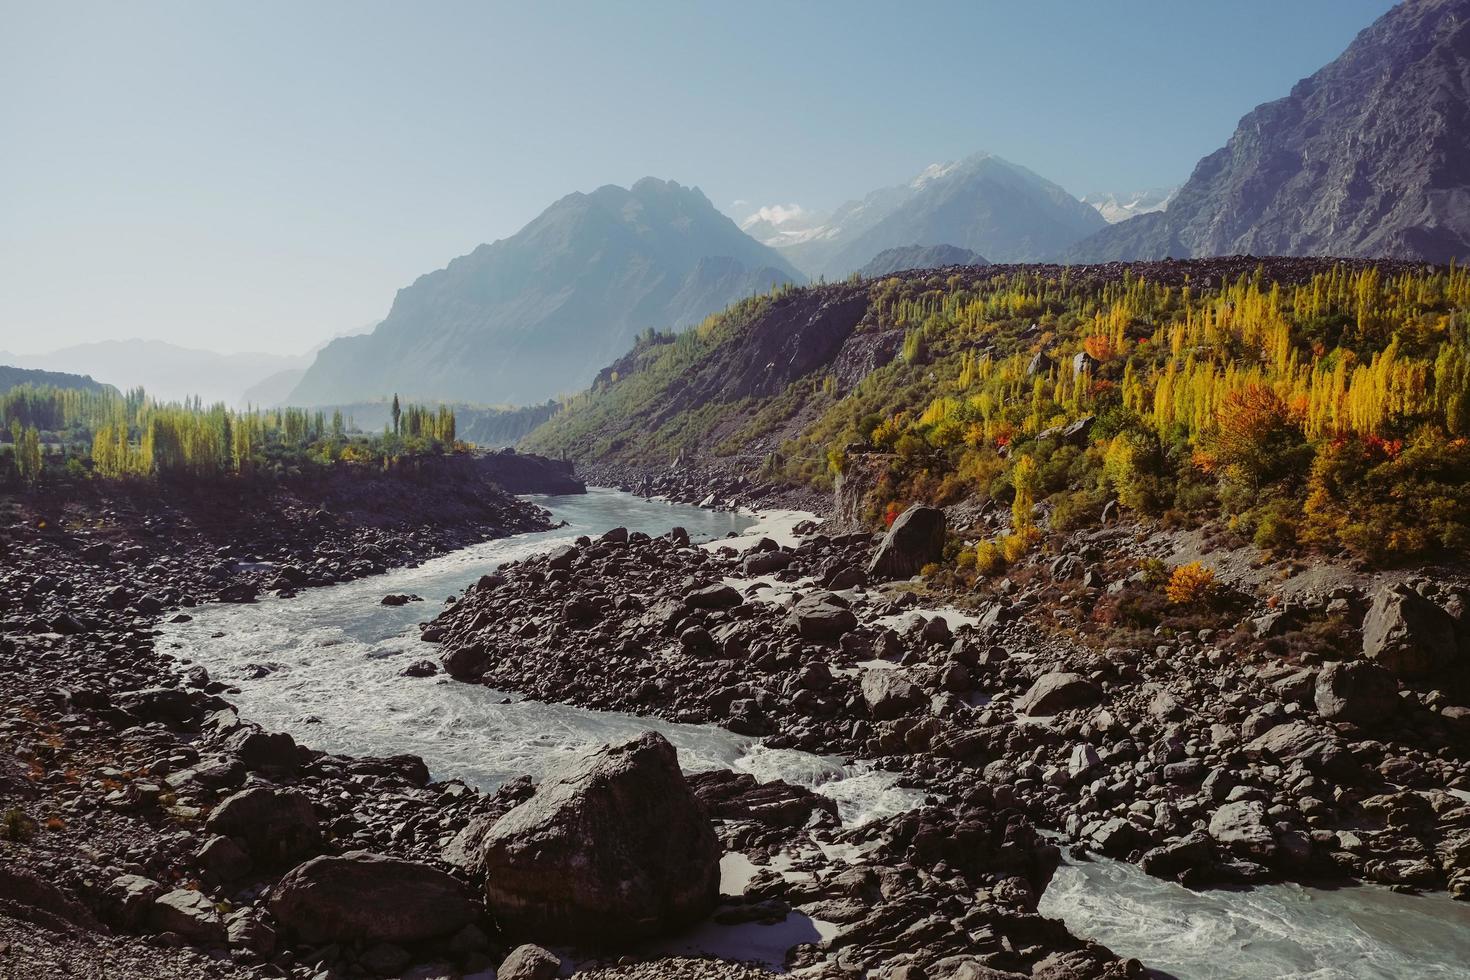 gewundener Fluss entlang des Karakoram-Gebirges foto